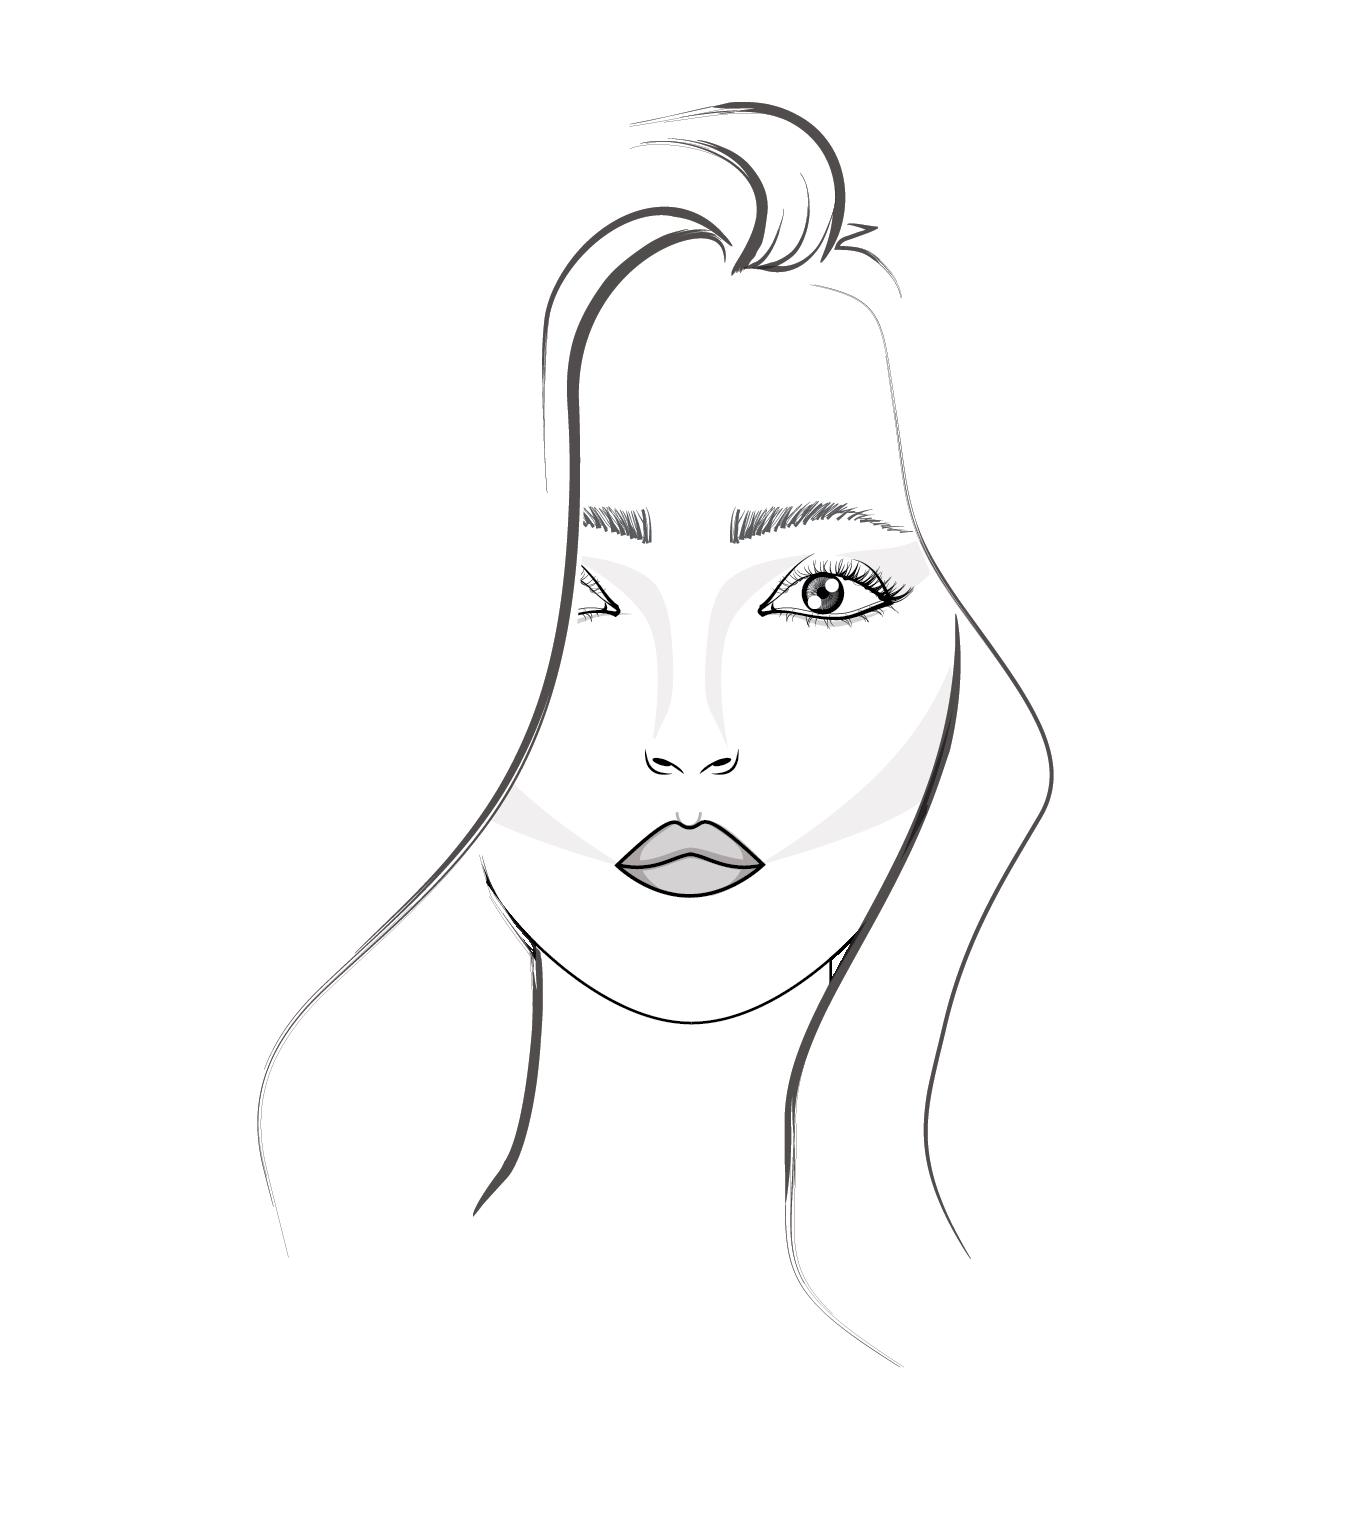 3 Step Tutorial How To Draw Hair For Fashion Illustration Amiko Simonetti